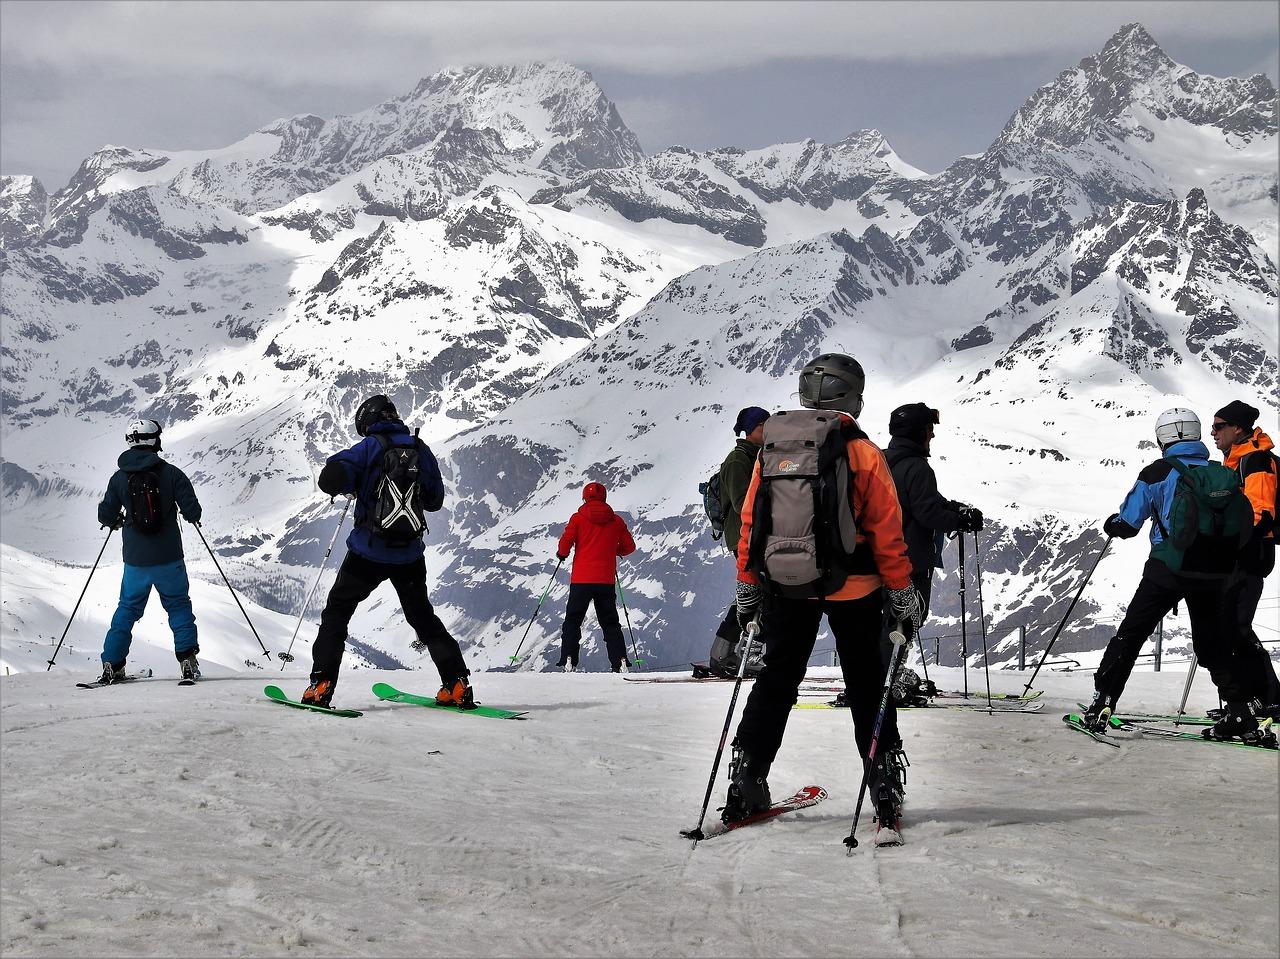 Matterhorn-Zermatt Skiregion Nummer eins in der Schweiz